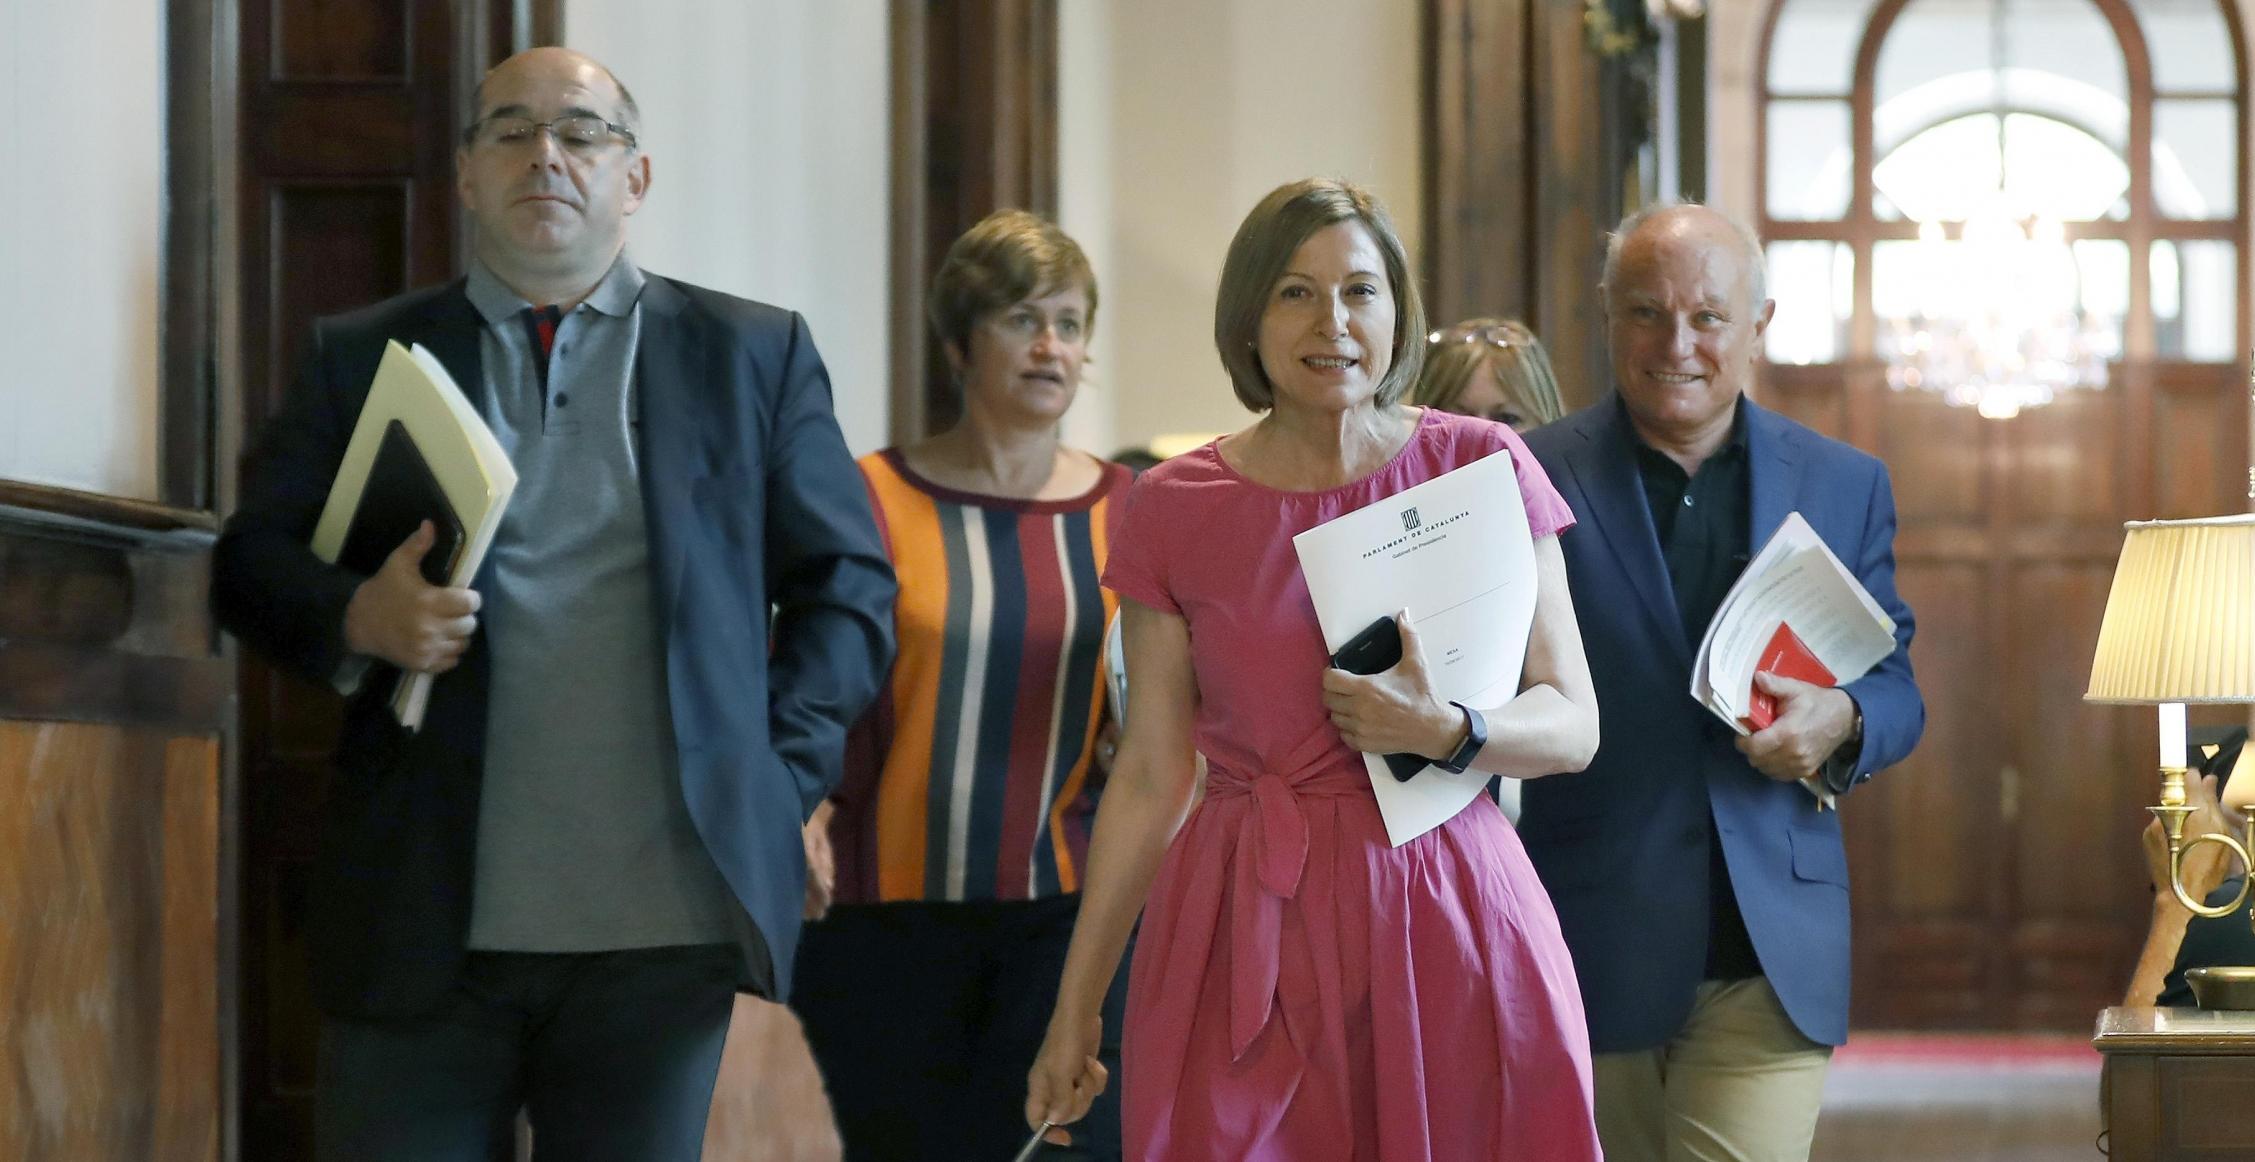 La presidenta del Parlament, Carme Forcadell, se dirige a la reunión de la Mesa del Parlament, que abre el nuevo período de sesiones de la cámara catalana. EFE/Andreu Dalmau